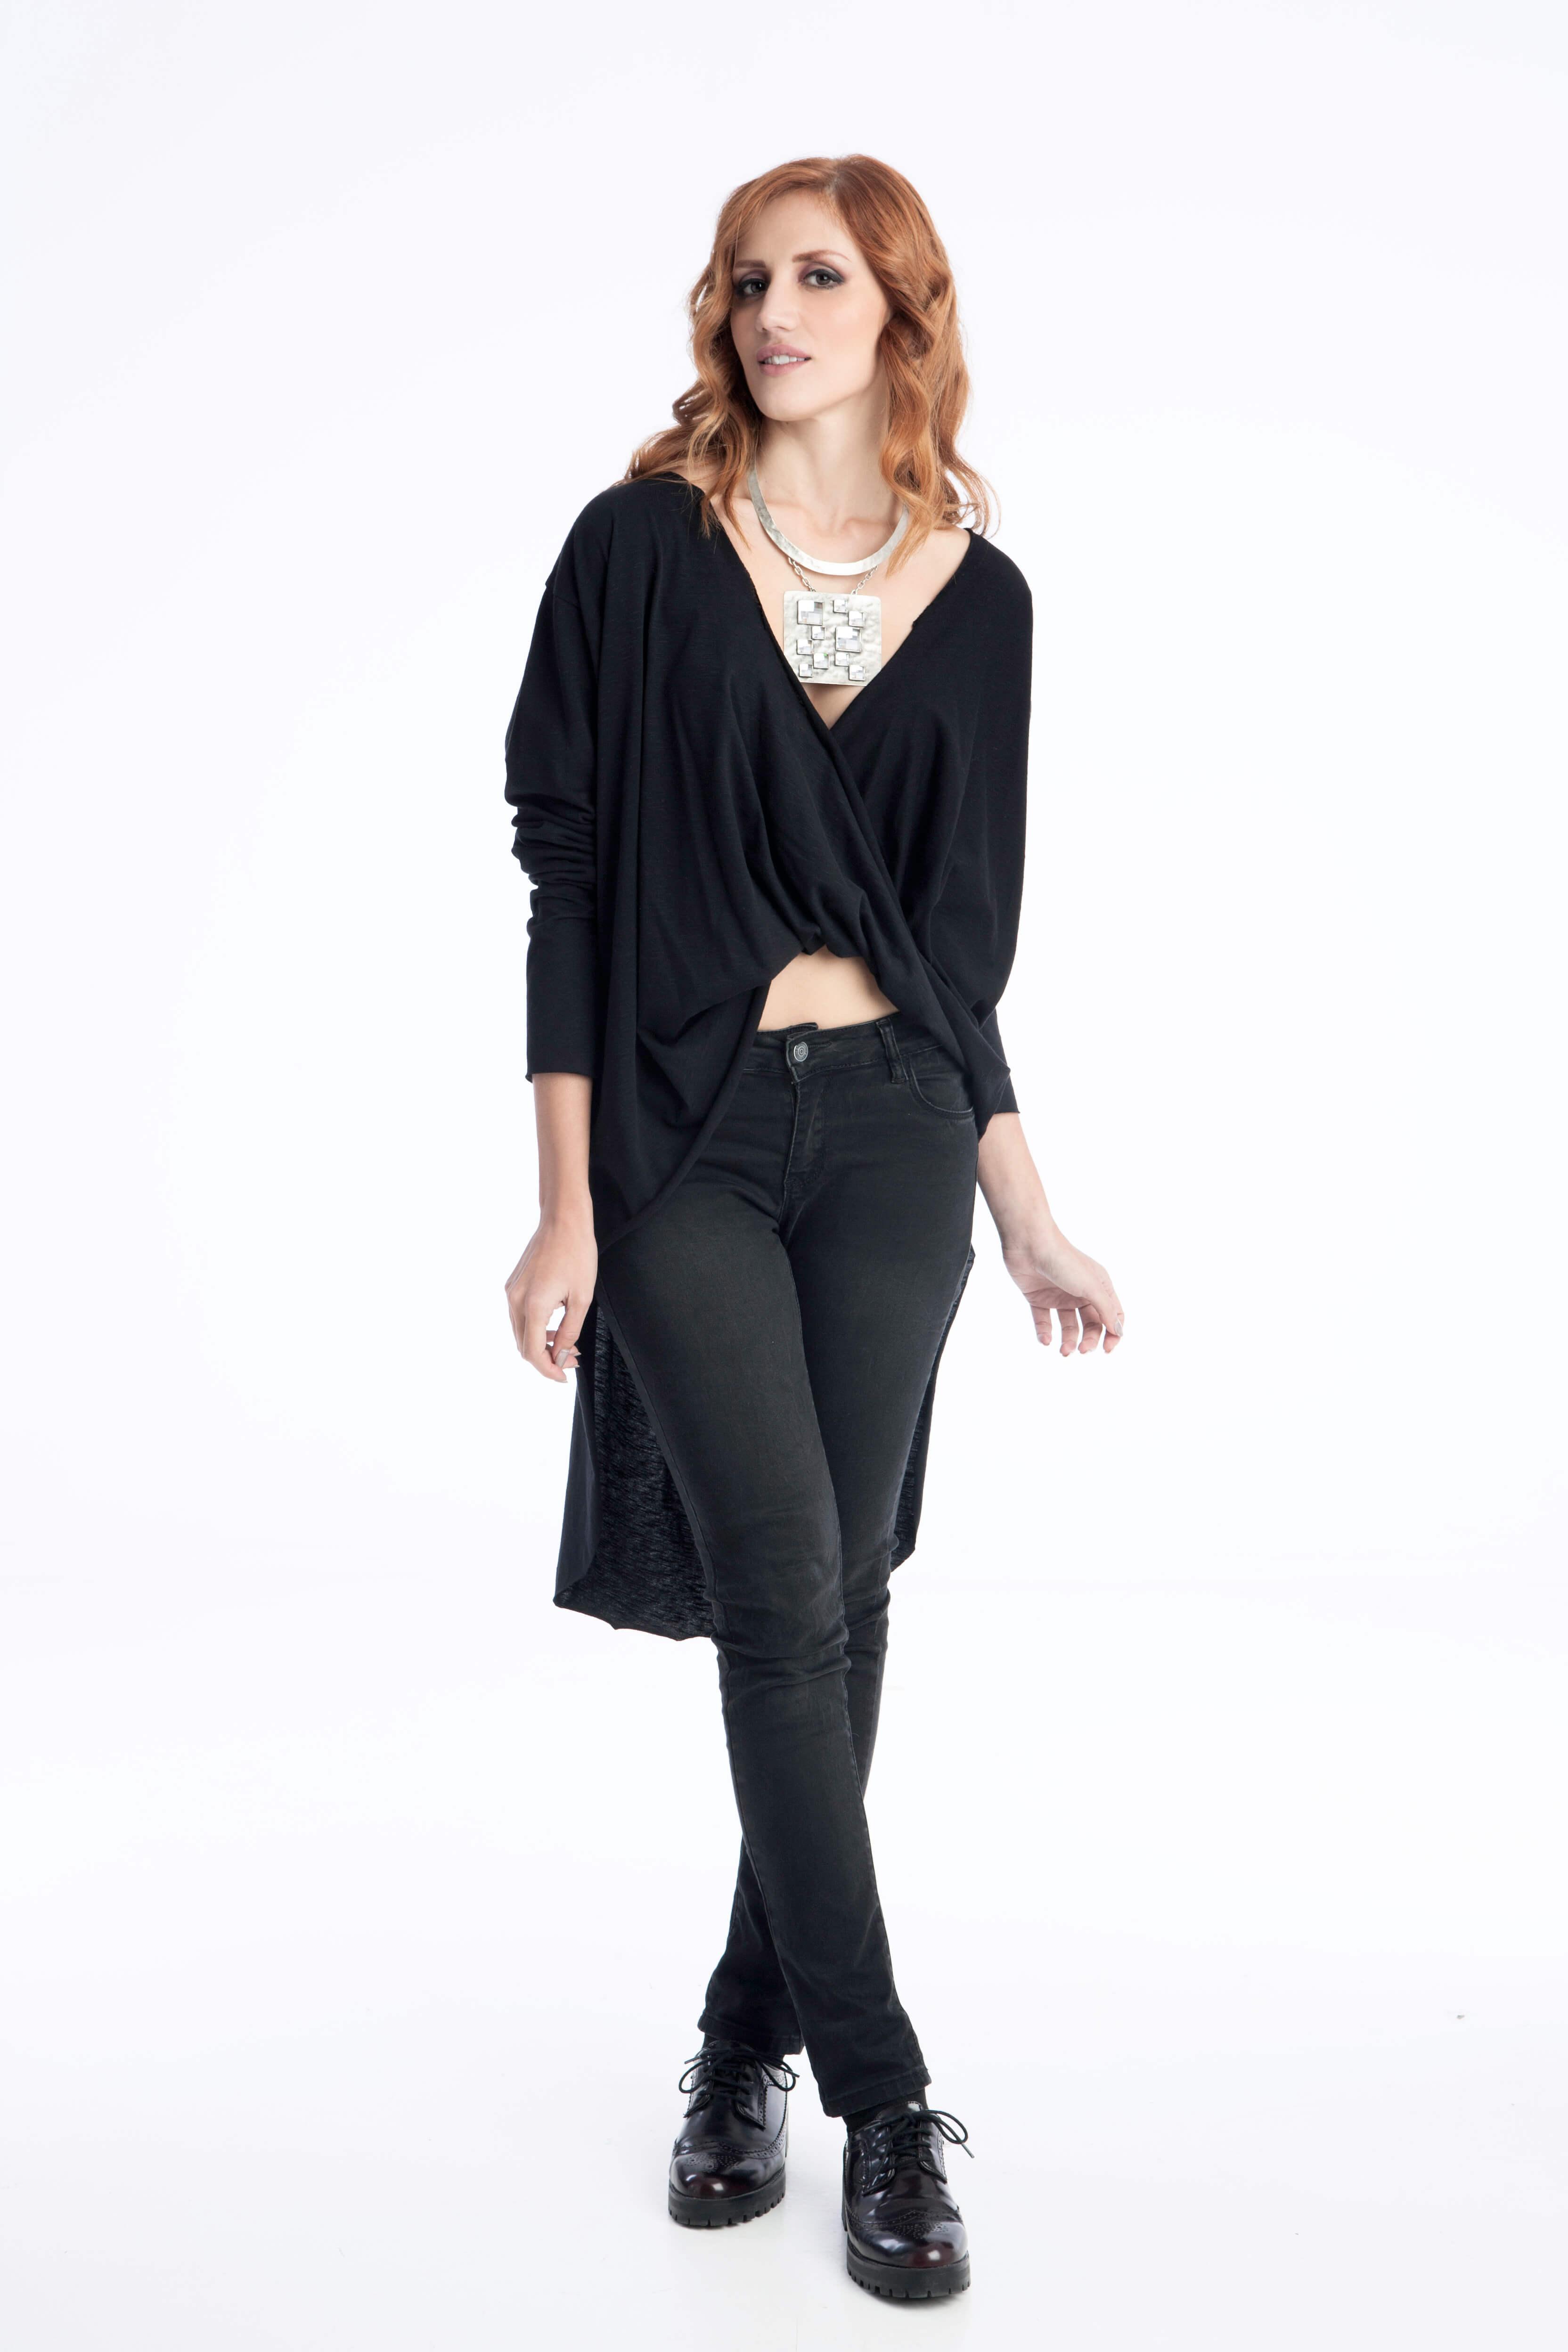 Γυναικεία Μπλούζα Ασύμμετρη με Μανίκια - Prestige Fashion 389bea04d77